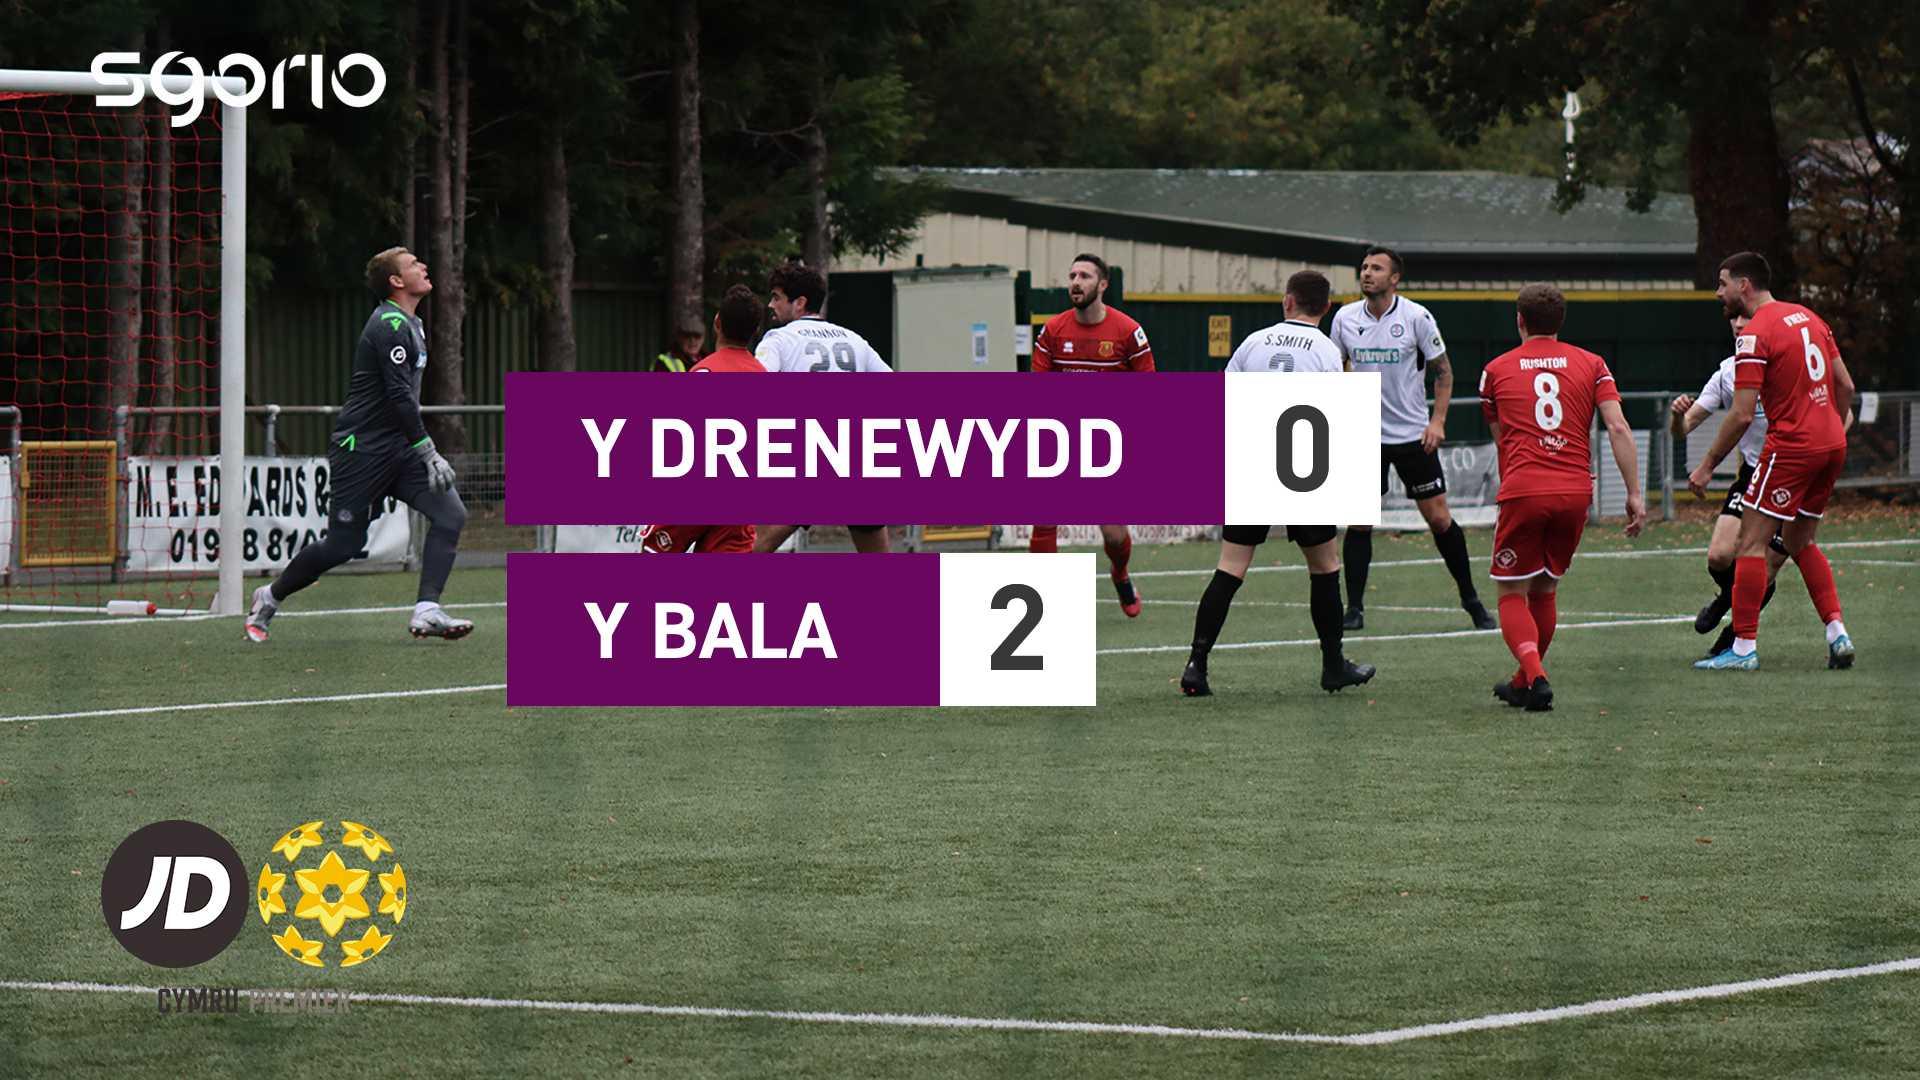 Y Drenewydd 0-2 Y Bala